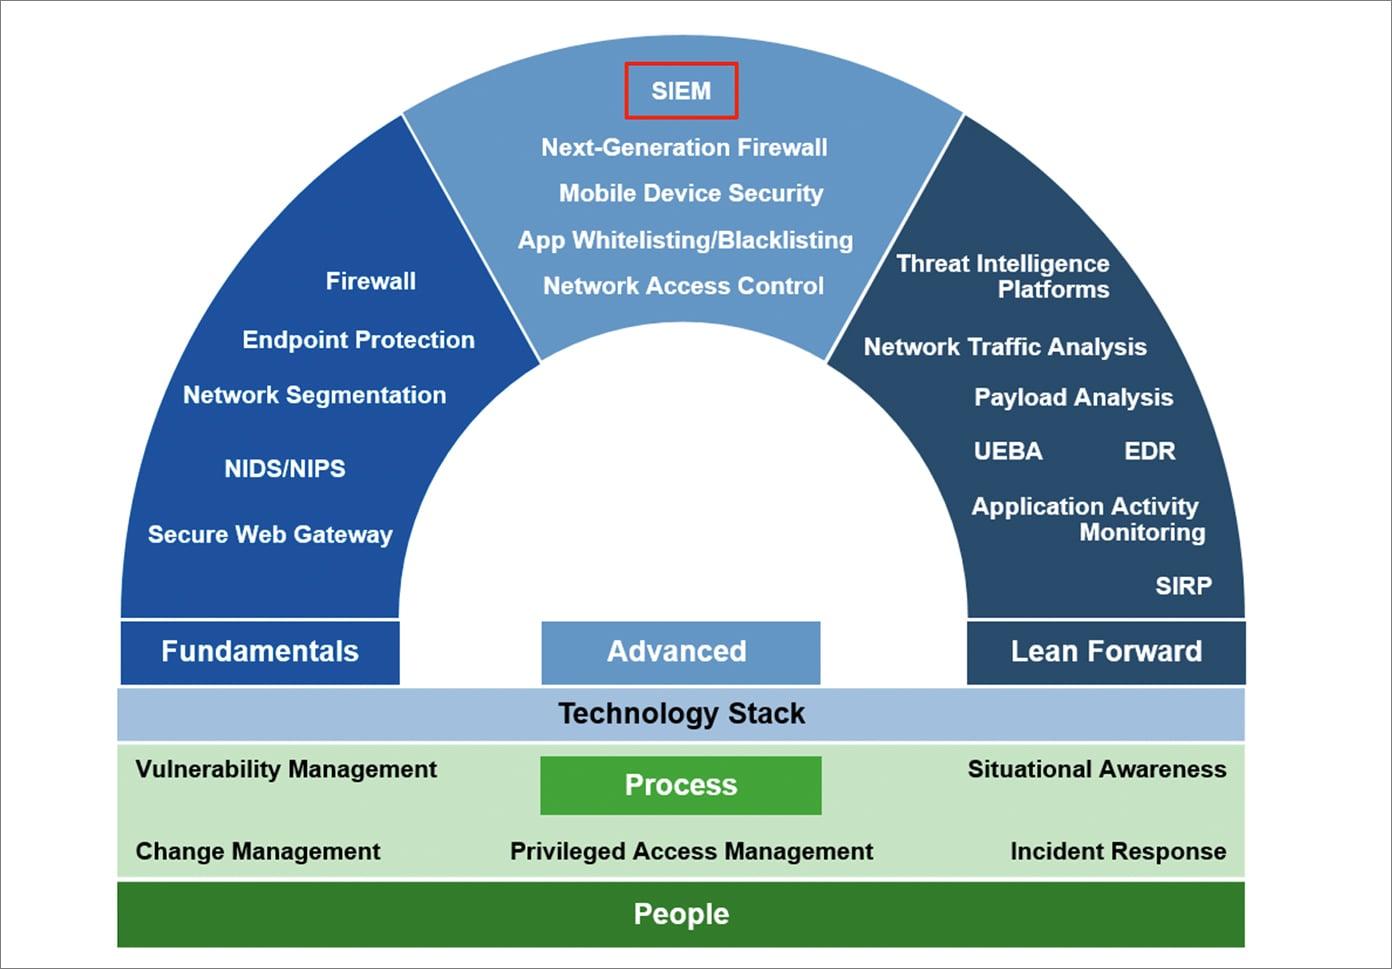 Gartner Report: Use SIEM for Targeted Attack Detection | Splunk